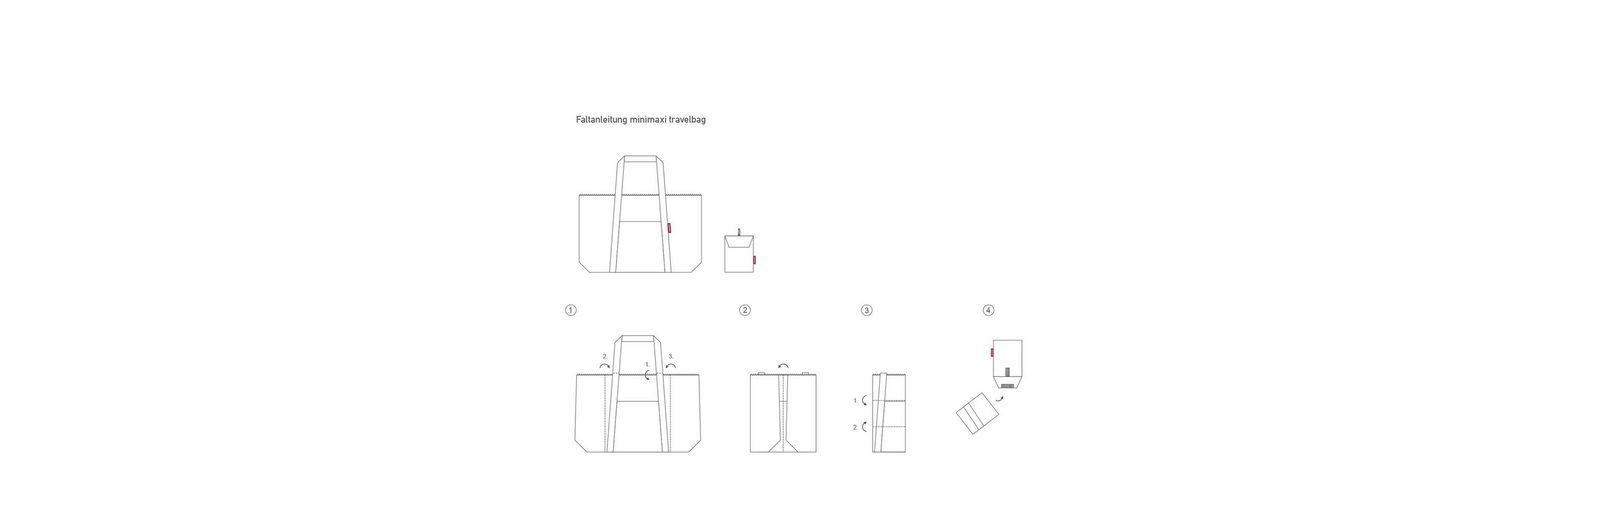 Freies Verschiffen Viele Arten Von reisenthel Reisetasche mini maxi travelbag Verkauf Online-Shopping Auslasszwischenraum Store 2018 Billig Verkaufen Auslass-Websites QEeqiI